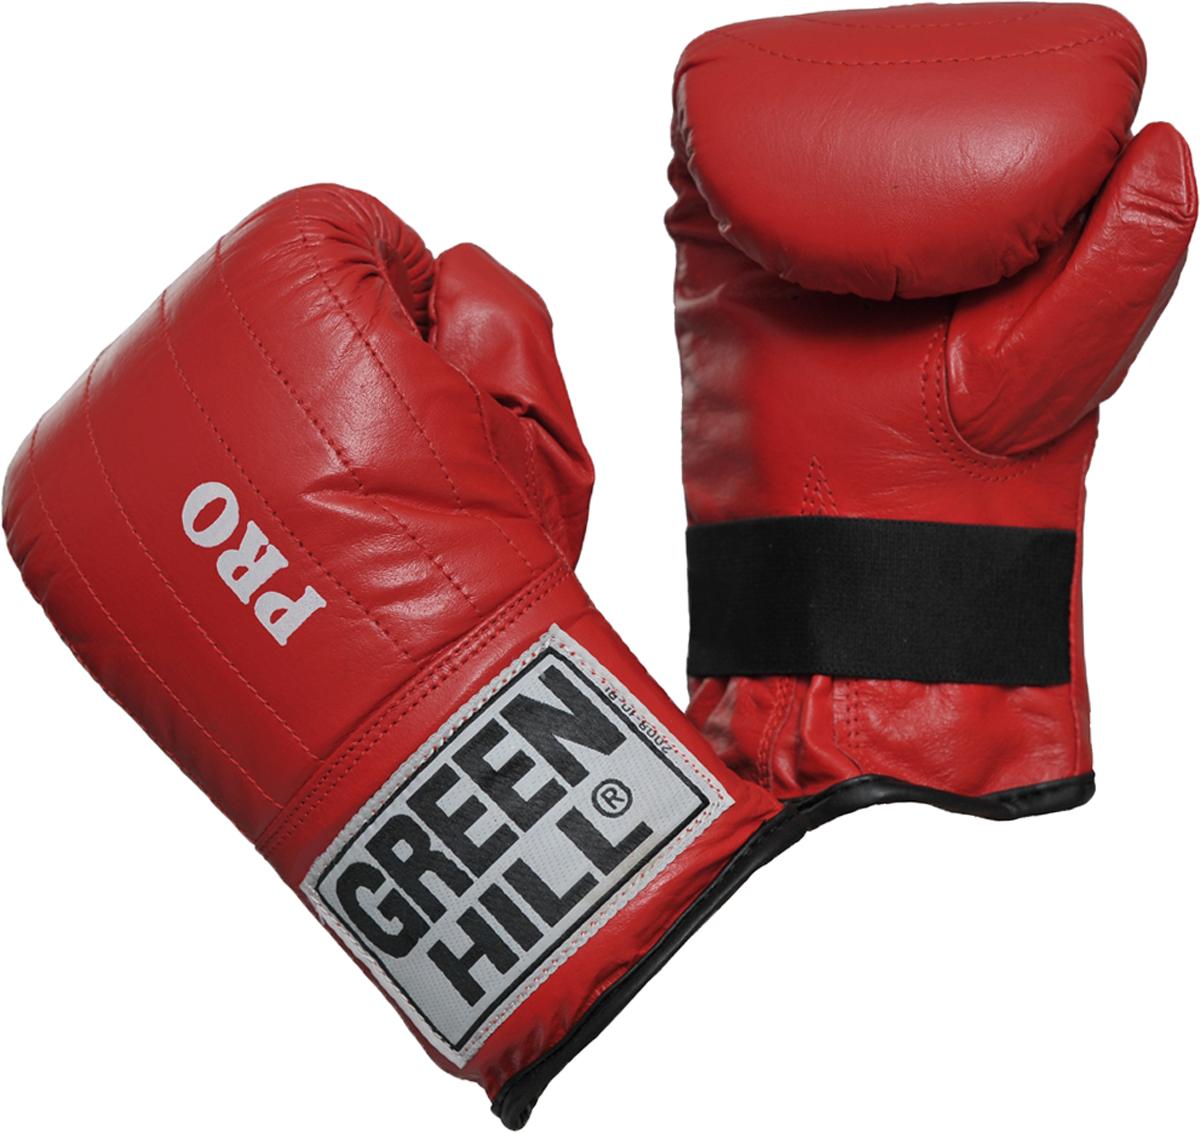 Перчатки снарядные Green Hill Pro, цвет: красный. PMP-2064. Размер SPMP-2064Снарядные перчатки-блинчики Green Hill Pro предназначены для отработки ударов по мешкам и лапам, а также для легких спаррингов. Шингарты обеспечивают комфортное использование в любых направлениях: отработка ударов в зале, дома, или фитнес-центре, легкие спарринги. Перчатки выполнены из натуральной кожи с мягким наполнителем внутри. Манжет не резинке позволяет быстро снимать и одевать перчатки, плотно фиксирует их на руке.